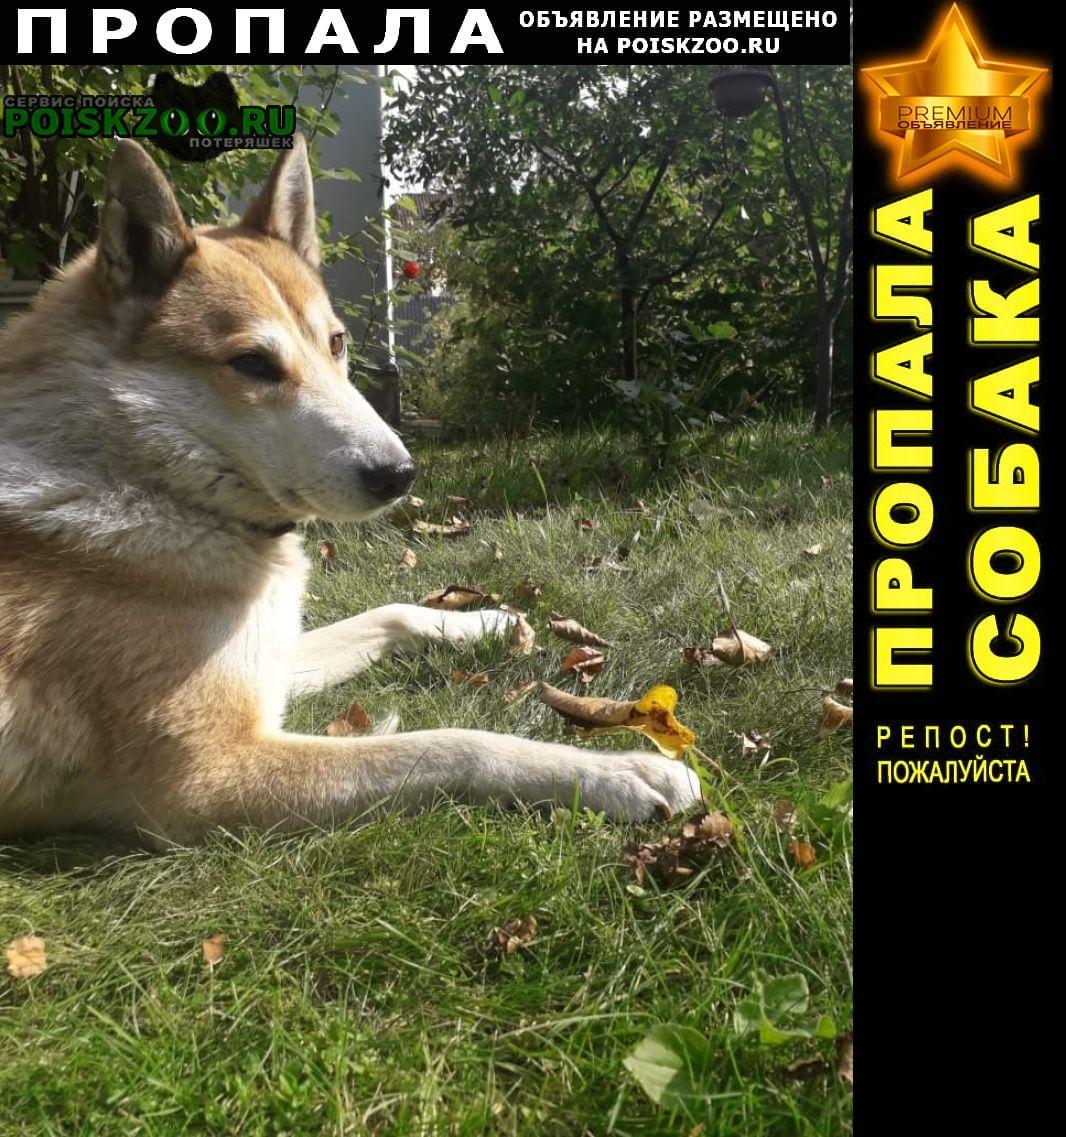 Пропала собака помогите найти собаку Немчиновка